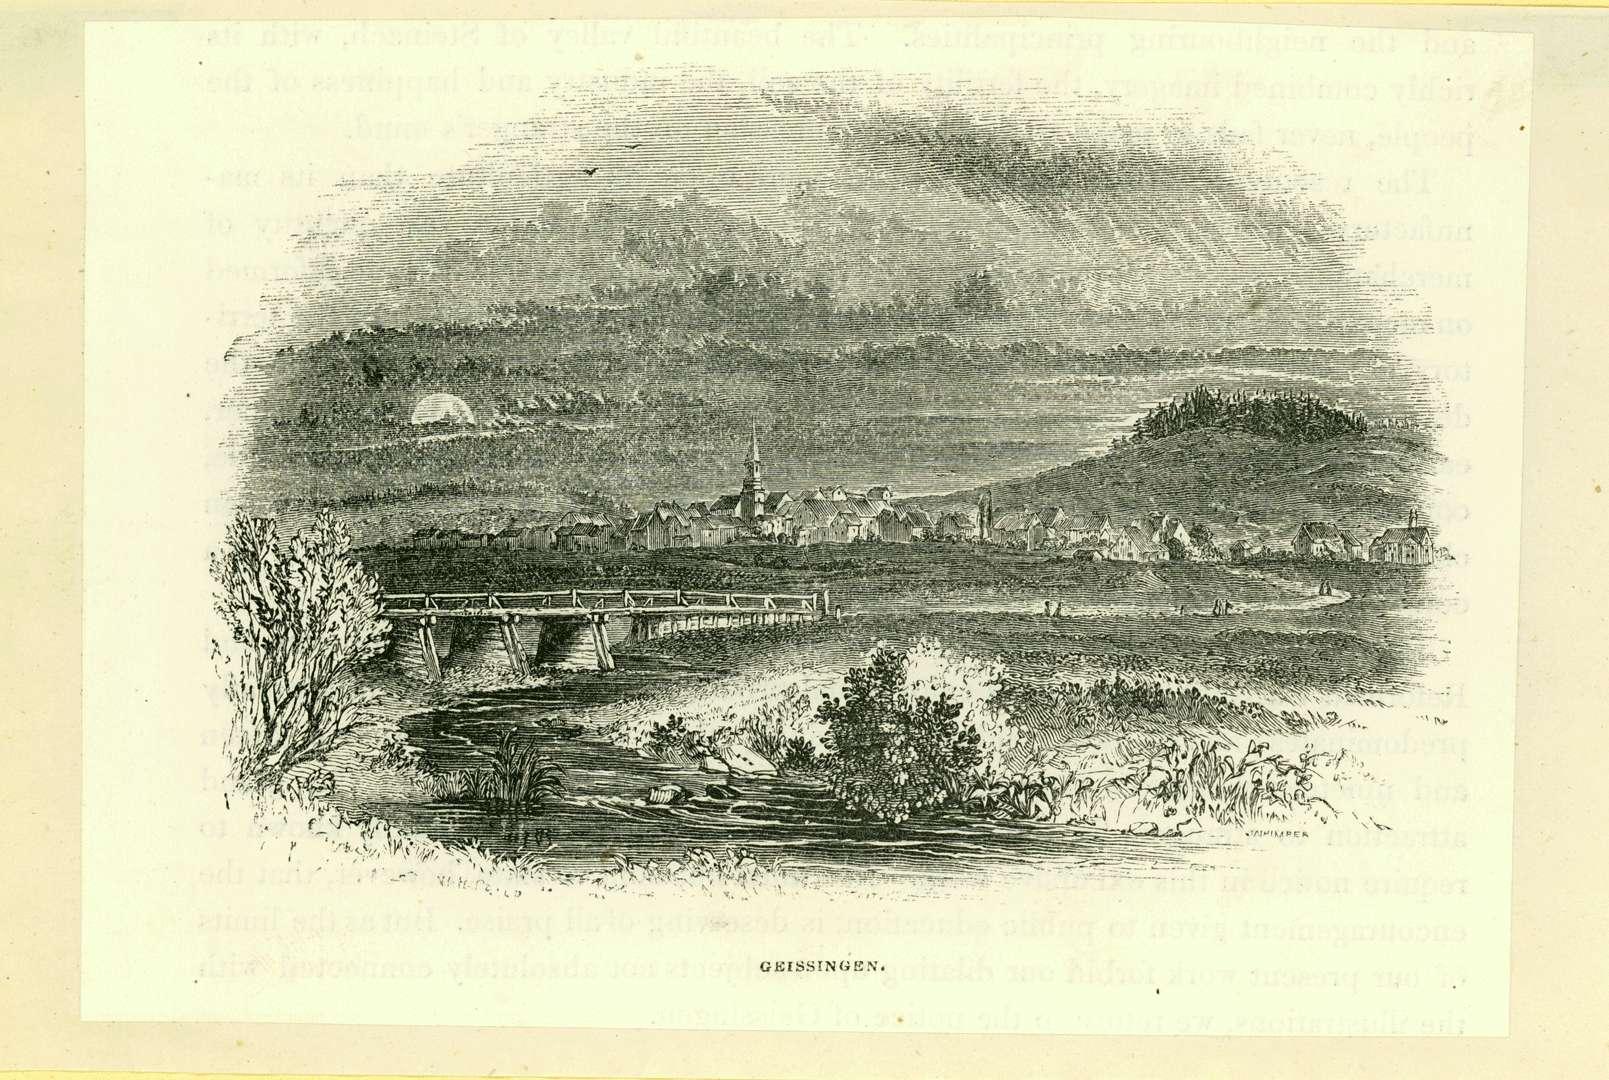 Geisingen, Bild 1